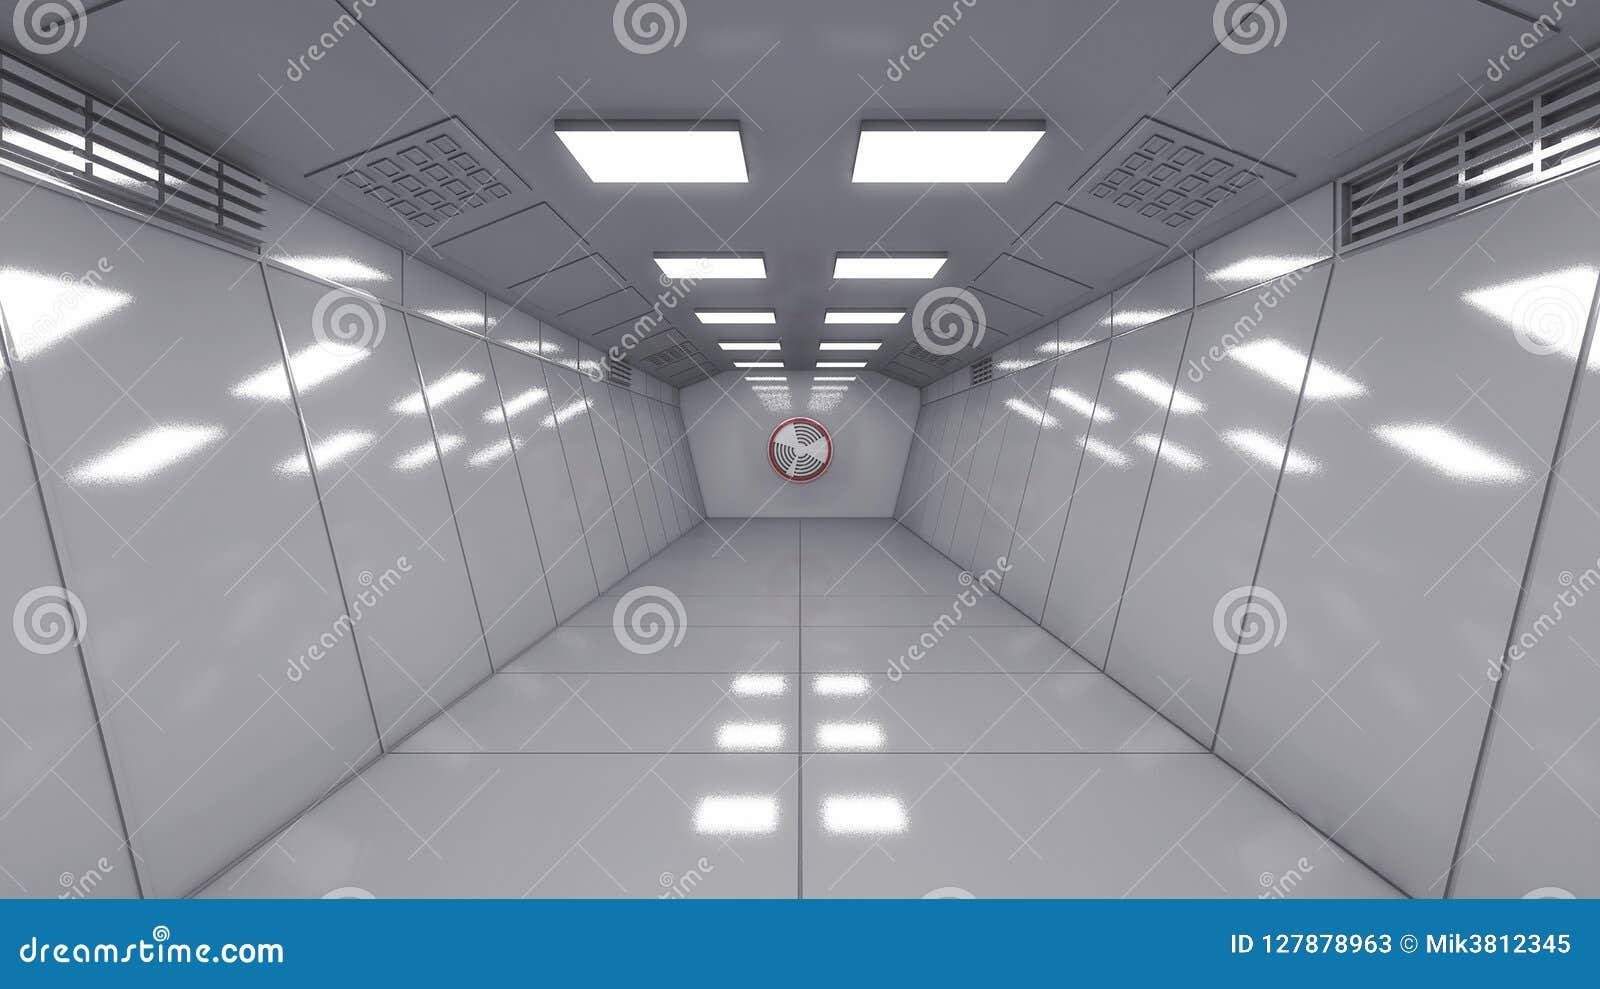 Modern interior scifi architecture